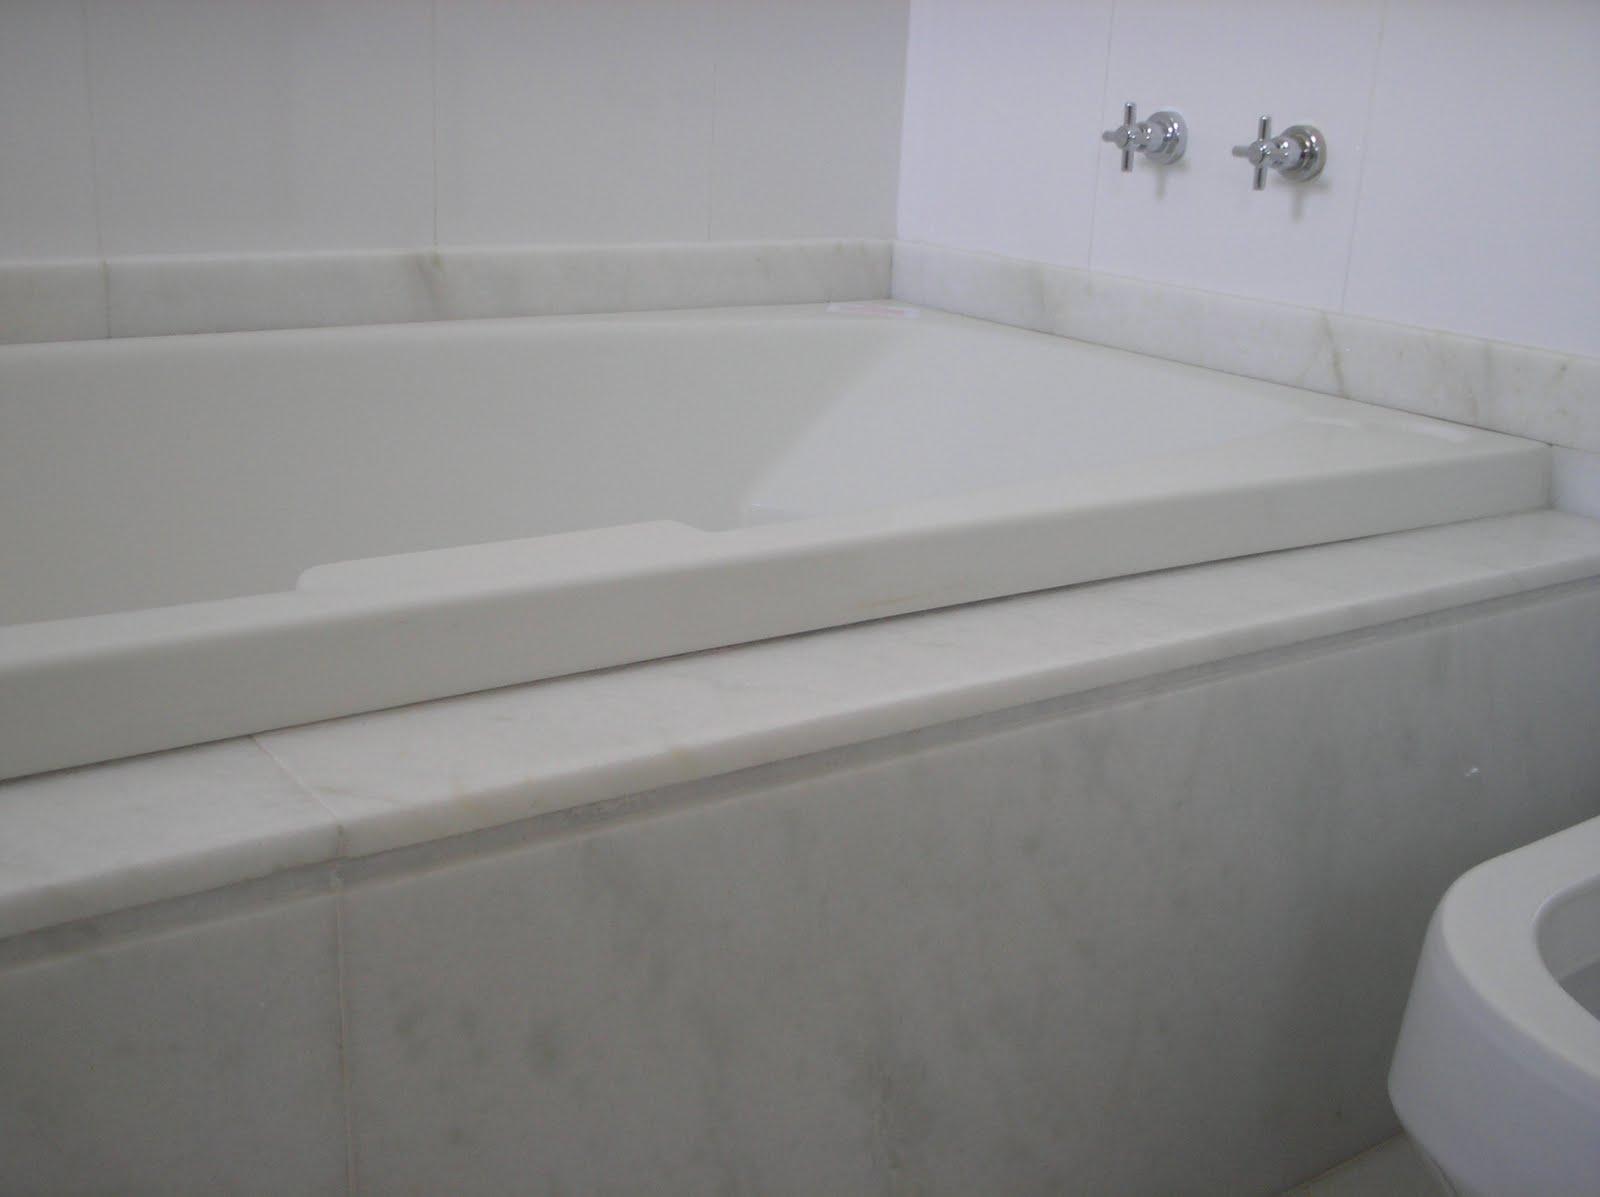 Pedras Decorativas: BANHEIRA COM MÁRMORE BRANCO ESPIRITO SANTO #60626B 1600x1197 Banheiro Com Banheira Verde